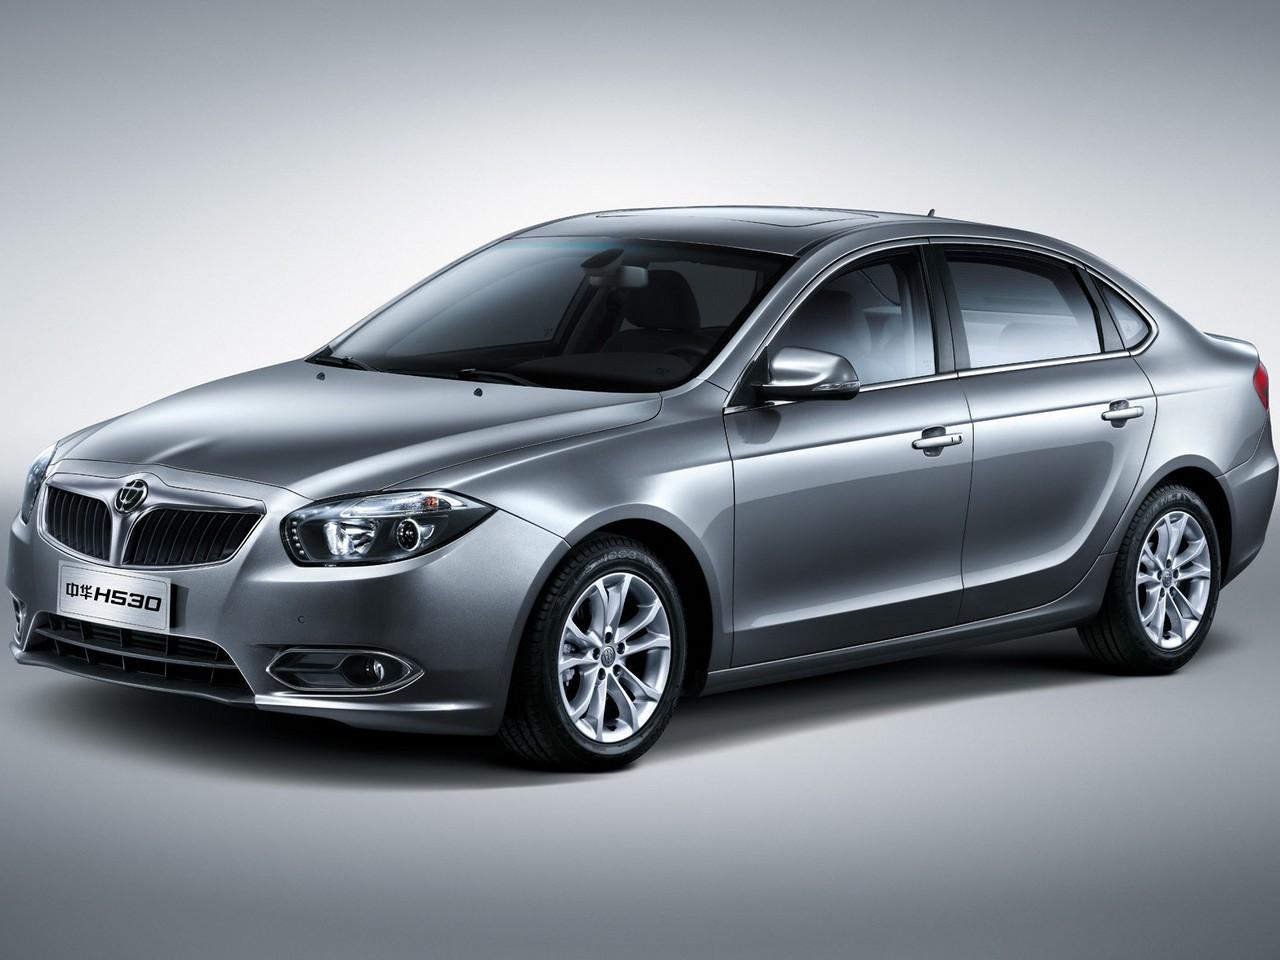 Новый автомобиль из Китая Brilliance H530